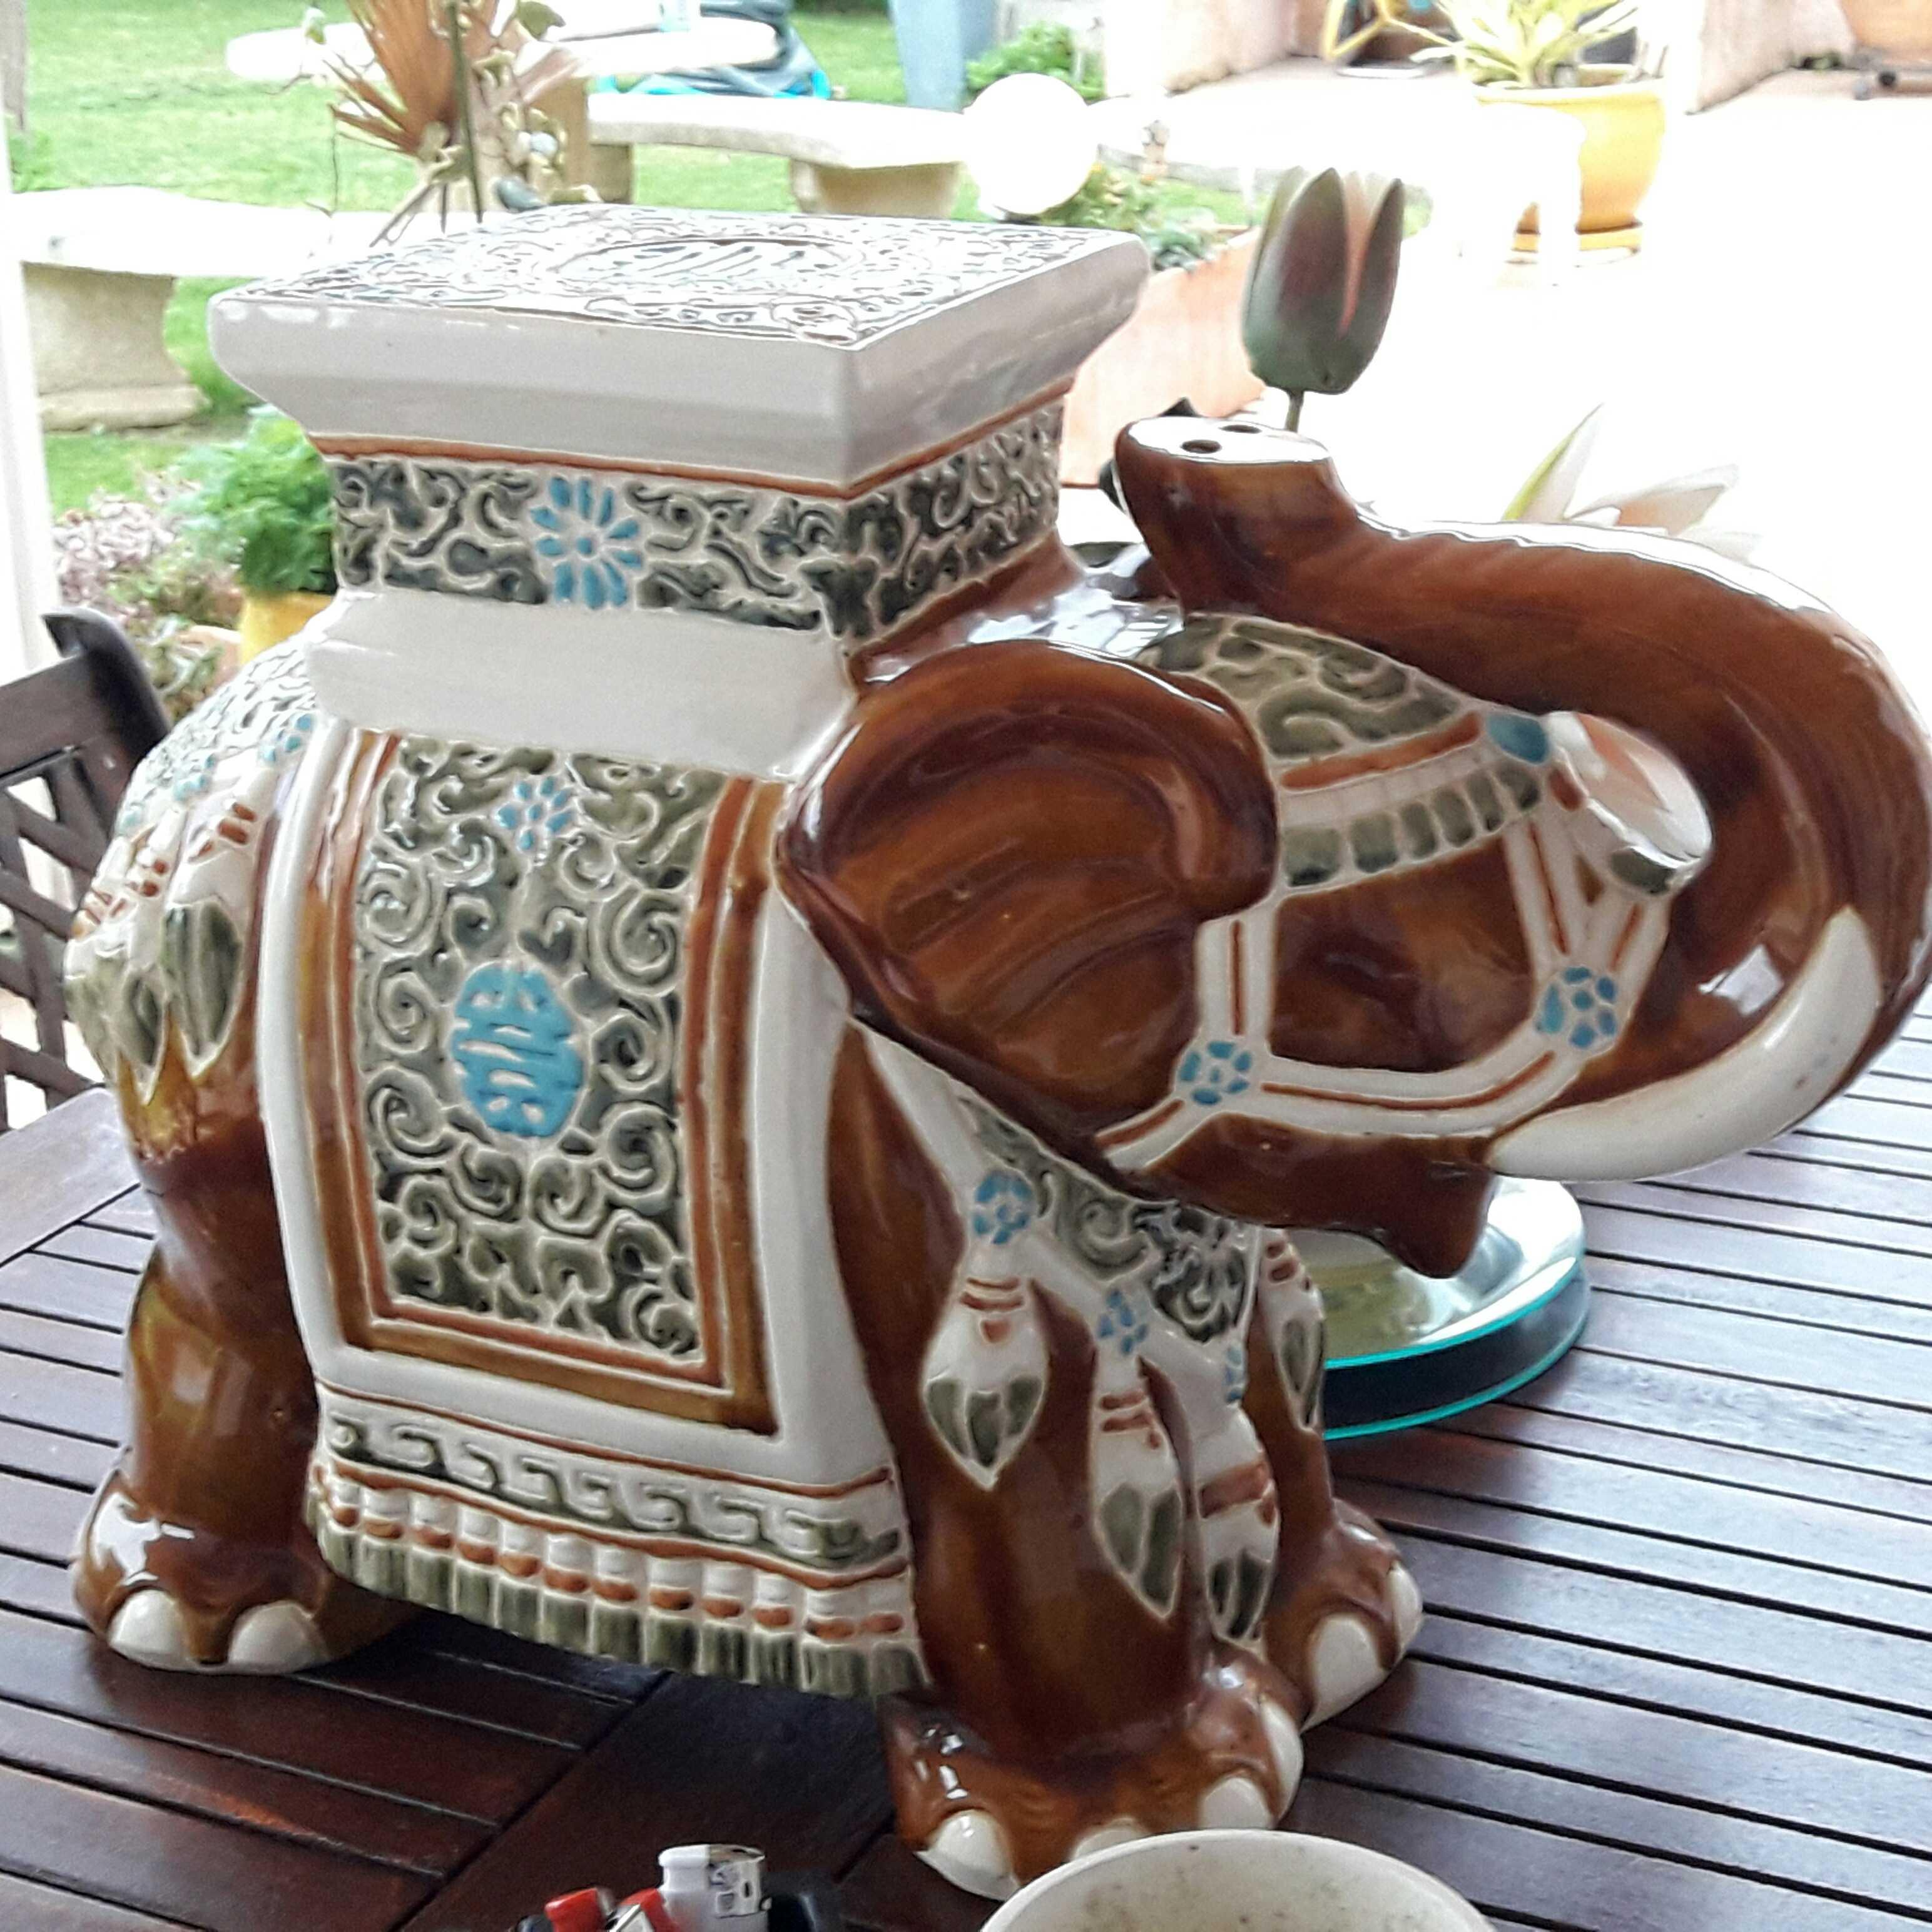 d coration occasion ramonville saint agne 31 annonces achat et vente de d coration. Black Bedroom Furniture Sets. Home Design Ideas